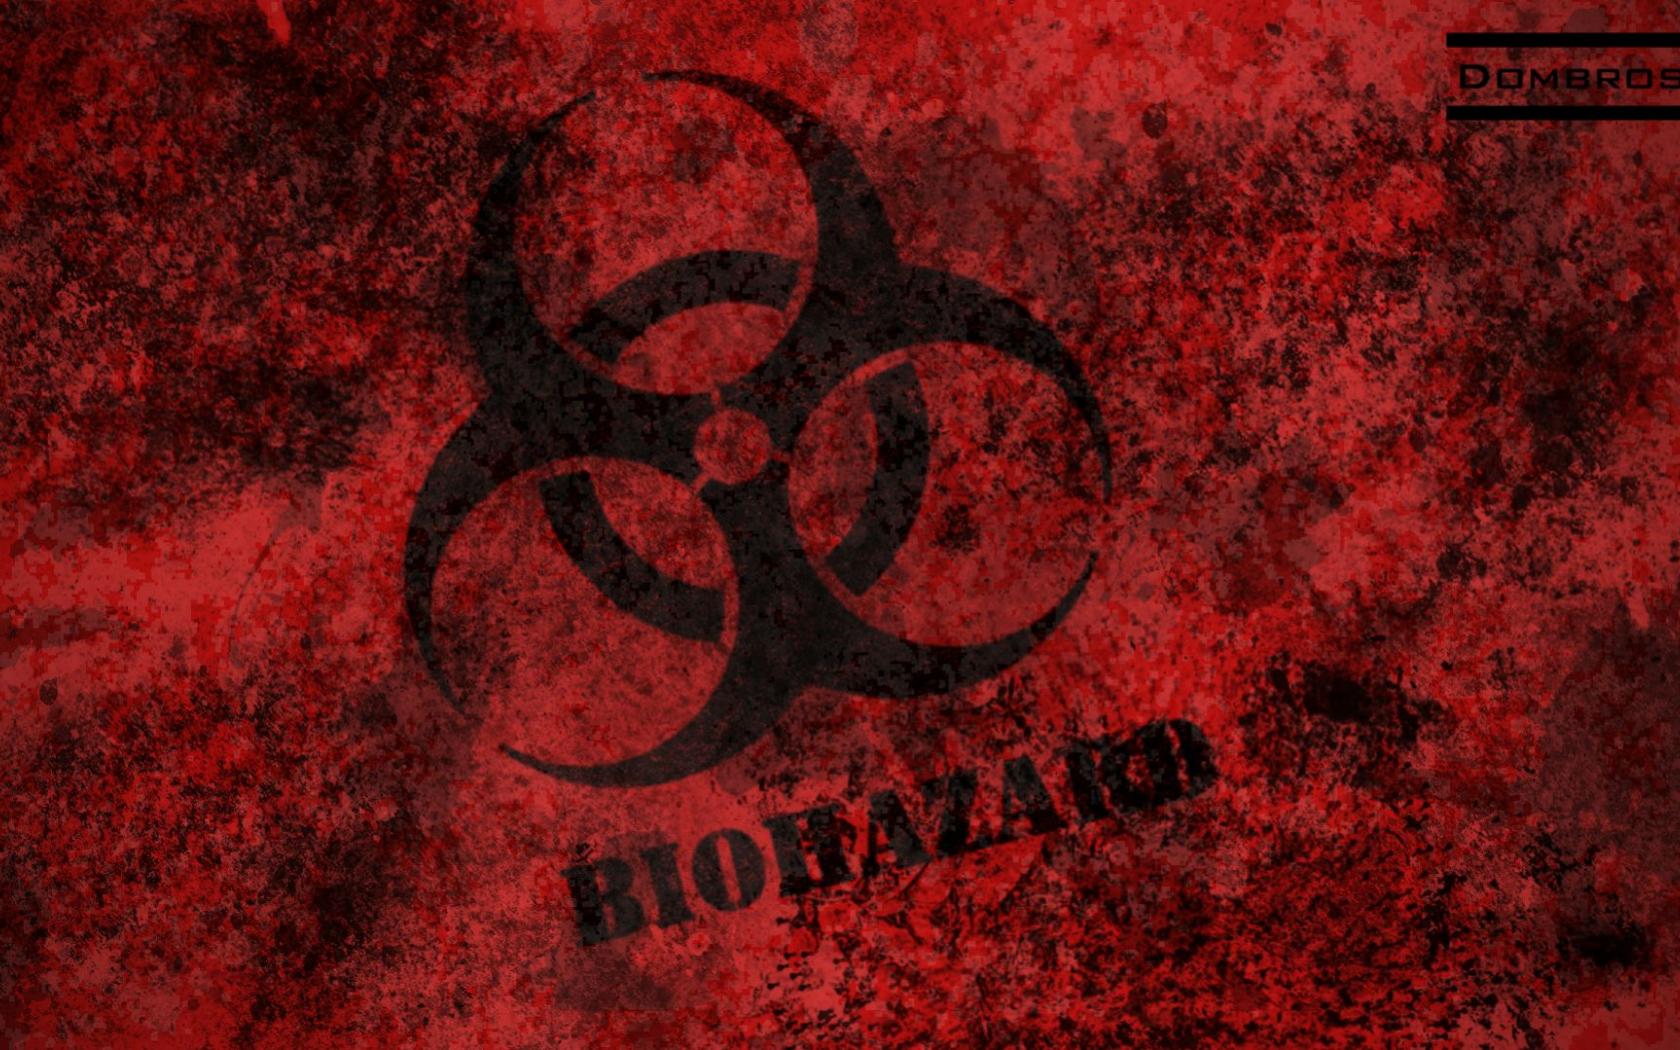 Free Download Red Biohazard Wallpaper Biohazard X Wallpapers